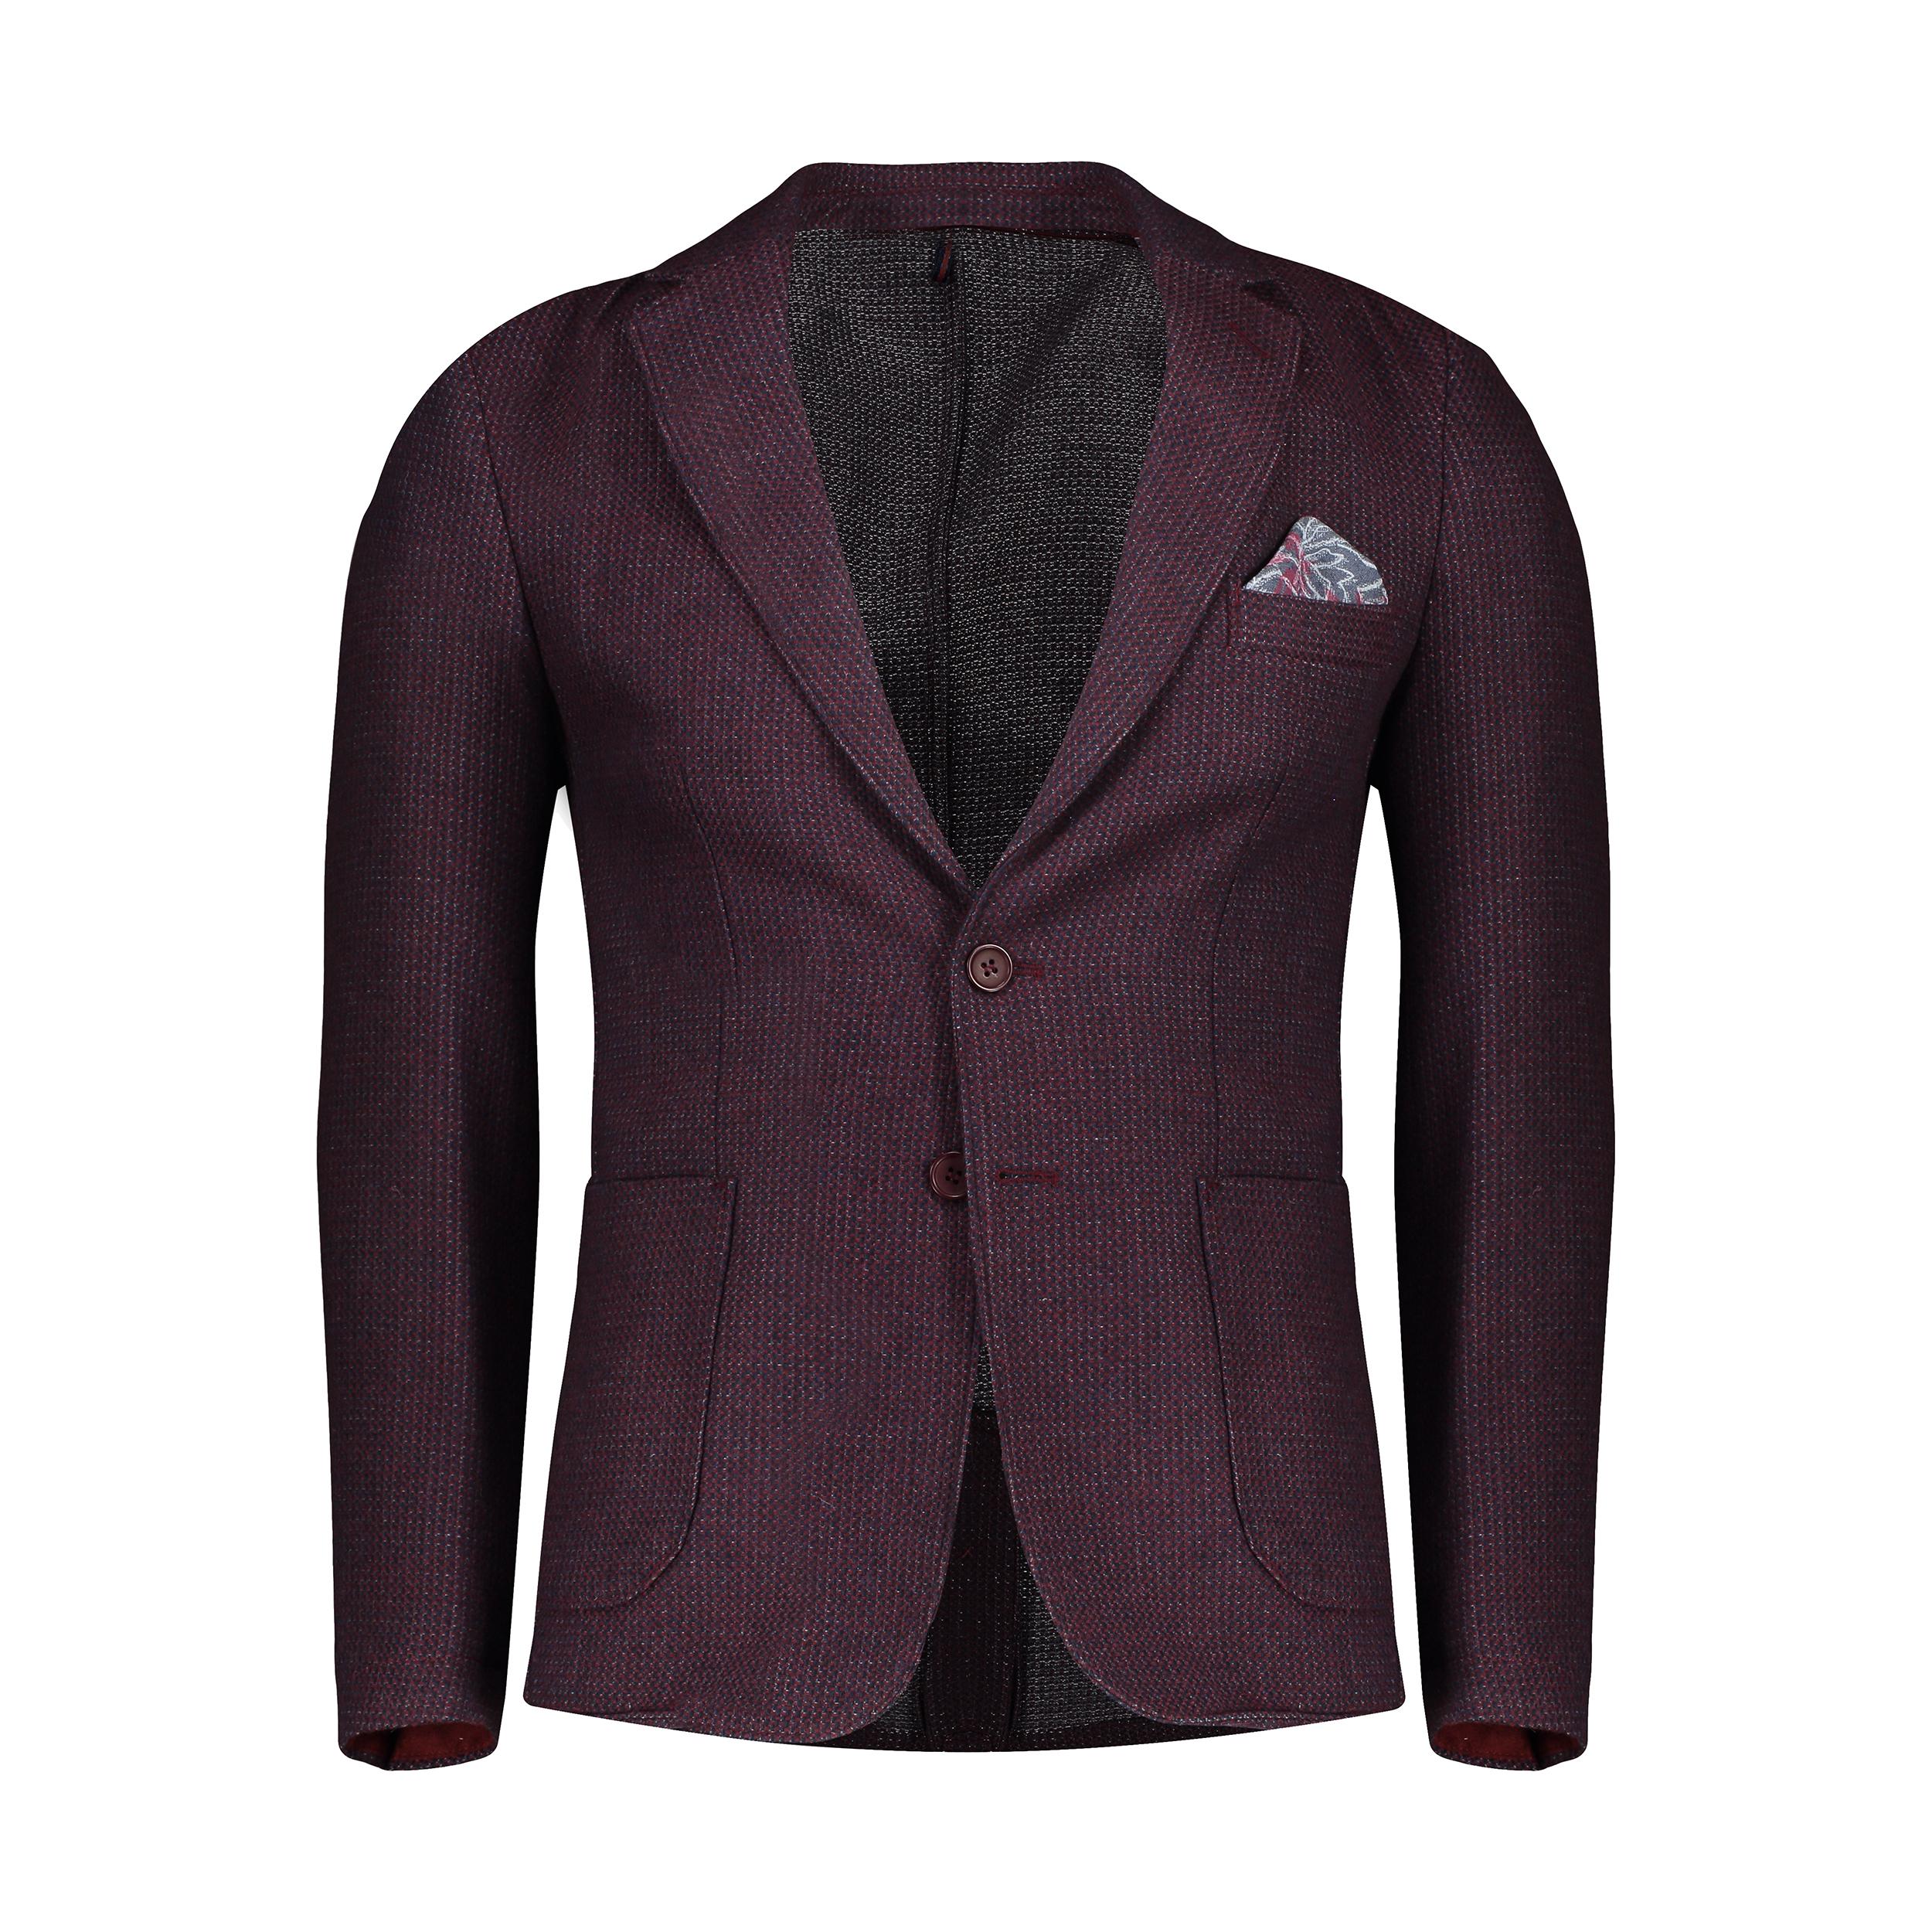 کت تک مردانه ادورا مدل 0215060 رشکی